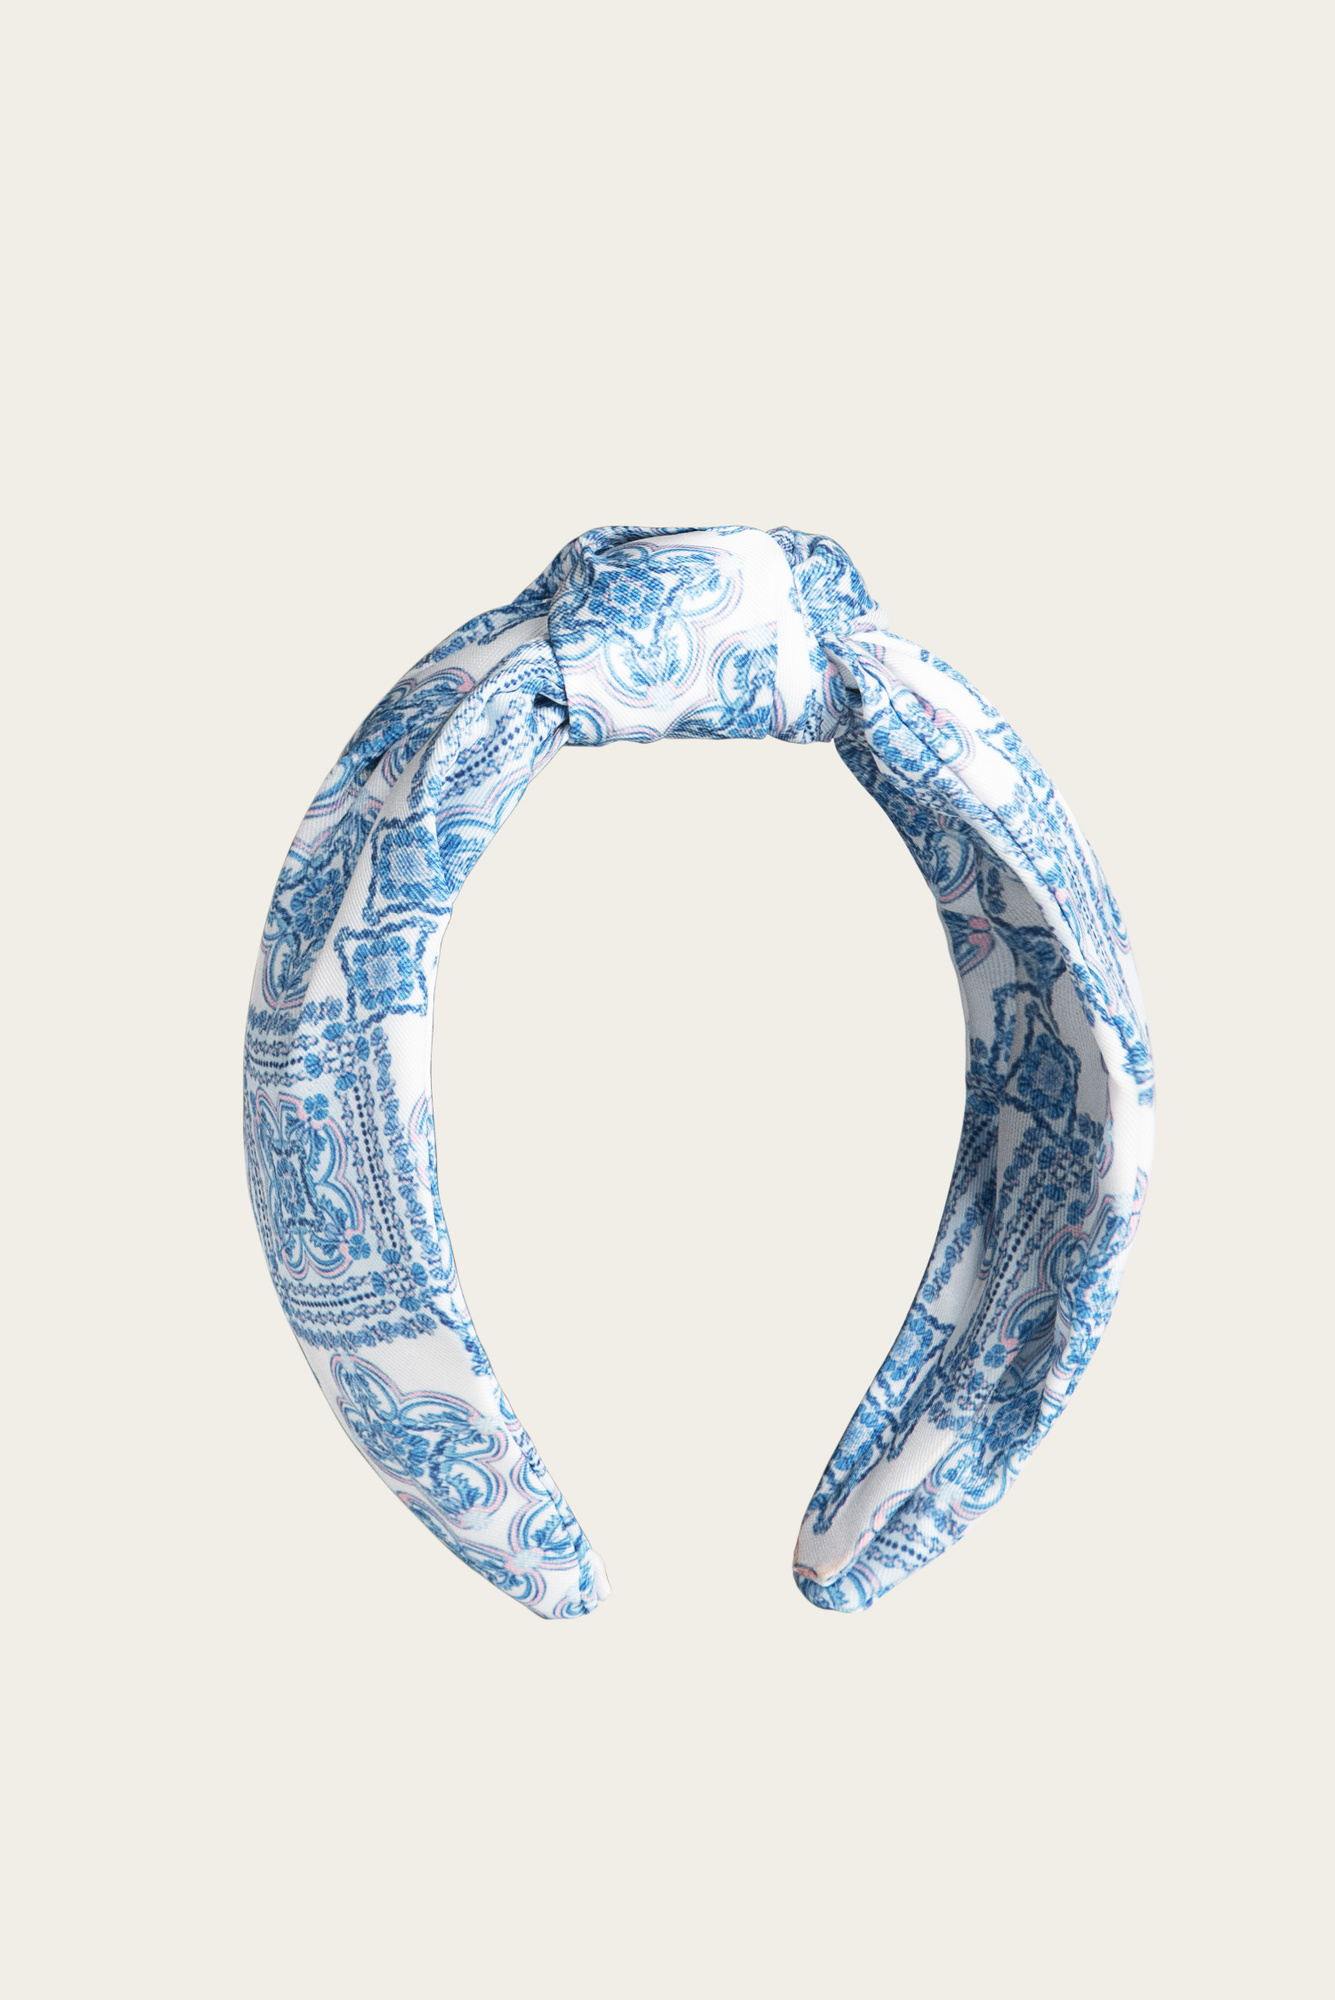 1163_889bcedf61-mini-tess-headband-ocean-breeze-by-malina-big.jpg